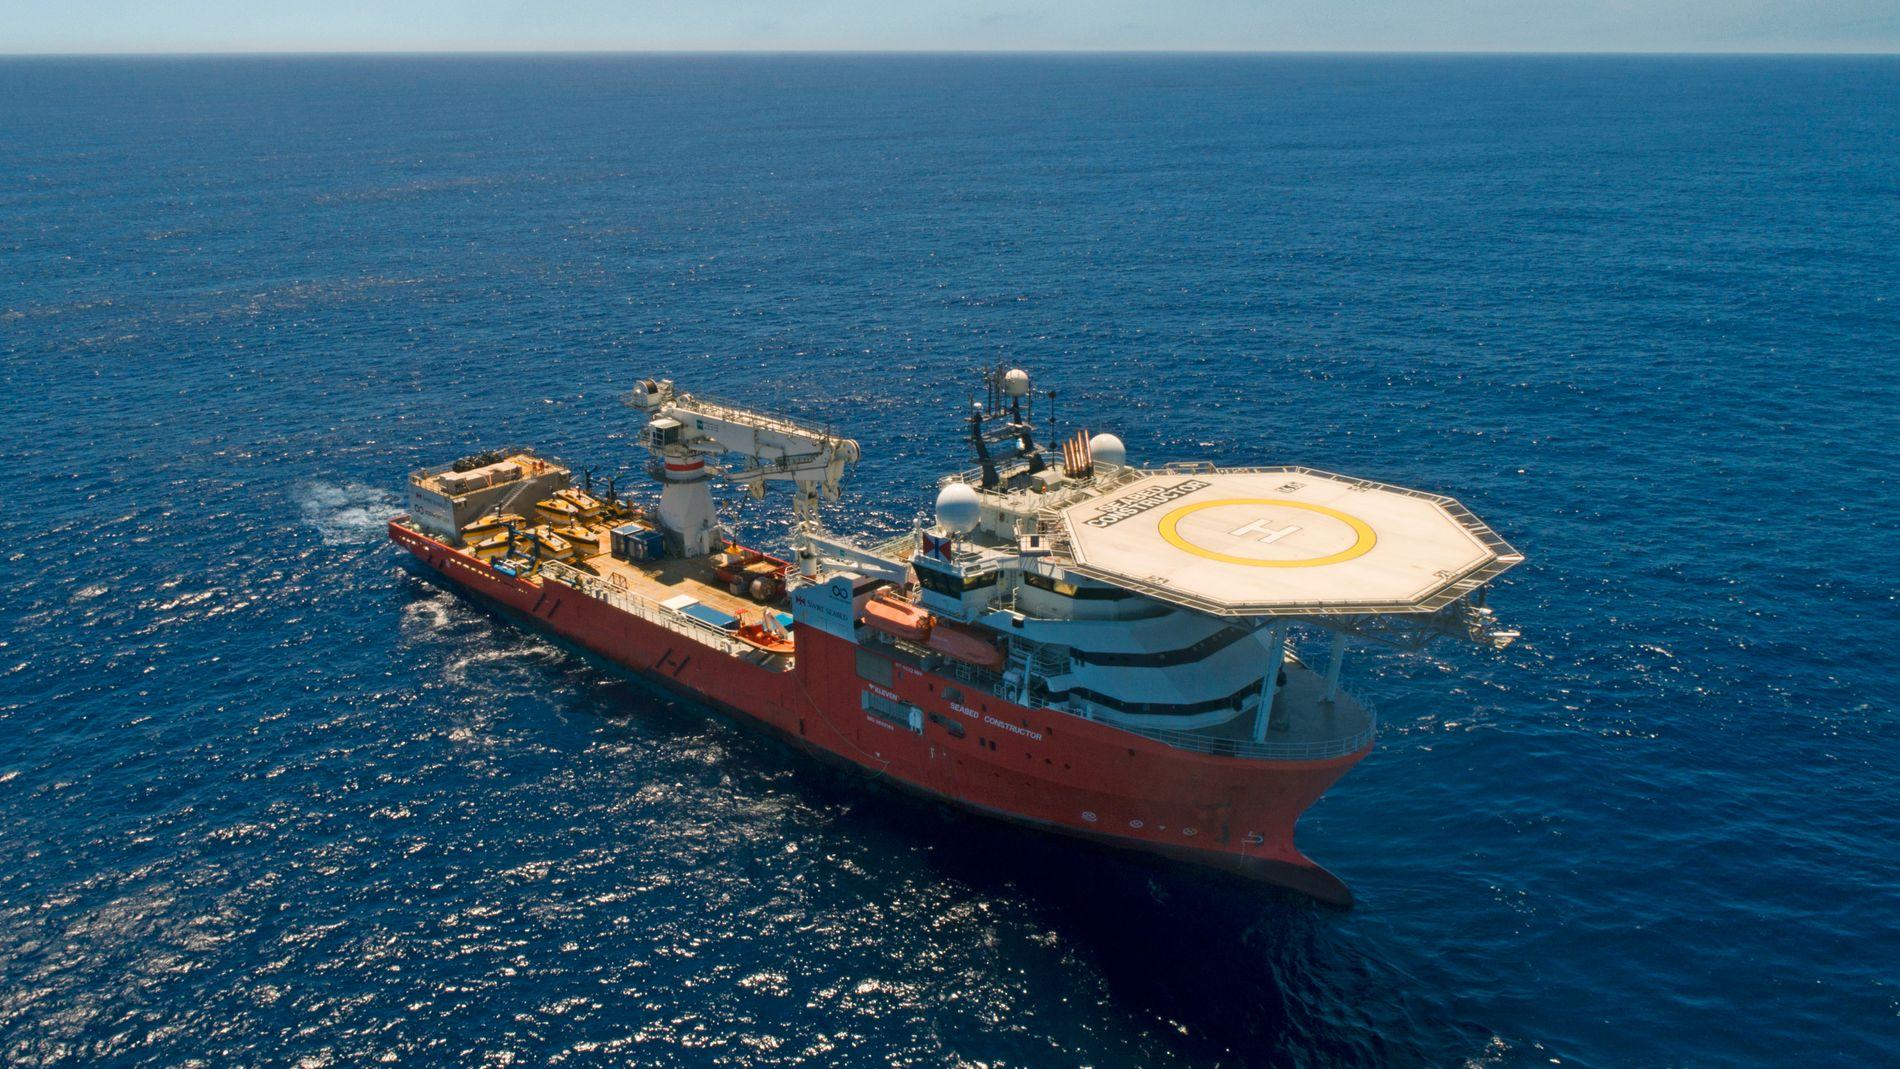 SØKER MINERALER: Oljedirektoratet har kartlagt havbunnen i Norskehavet for havbunnsmineraler med skipet «Seabed Constructor» og tre undervannsfartøy. Nå skal resultatene gjennomgås. Regjeringen ønsker å finne ut om utvinning av slike mineraler kan bli til kommersiell virksomhet.